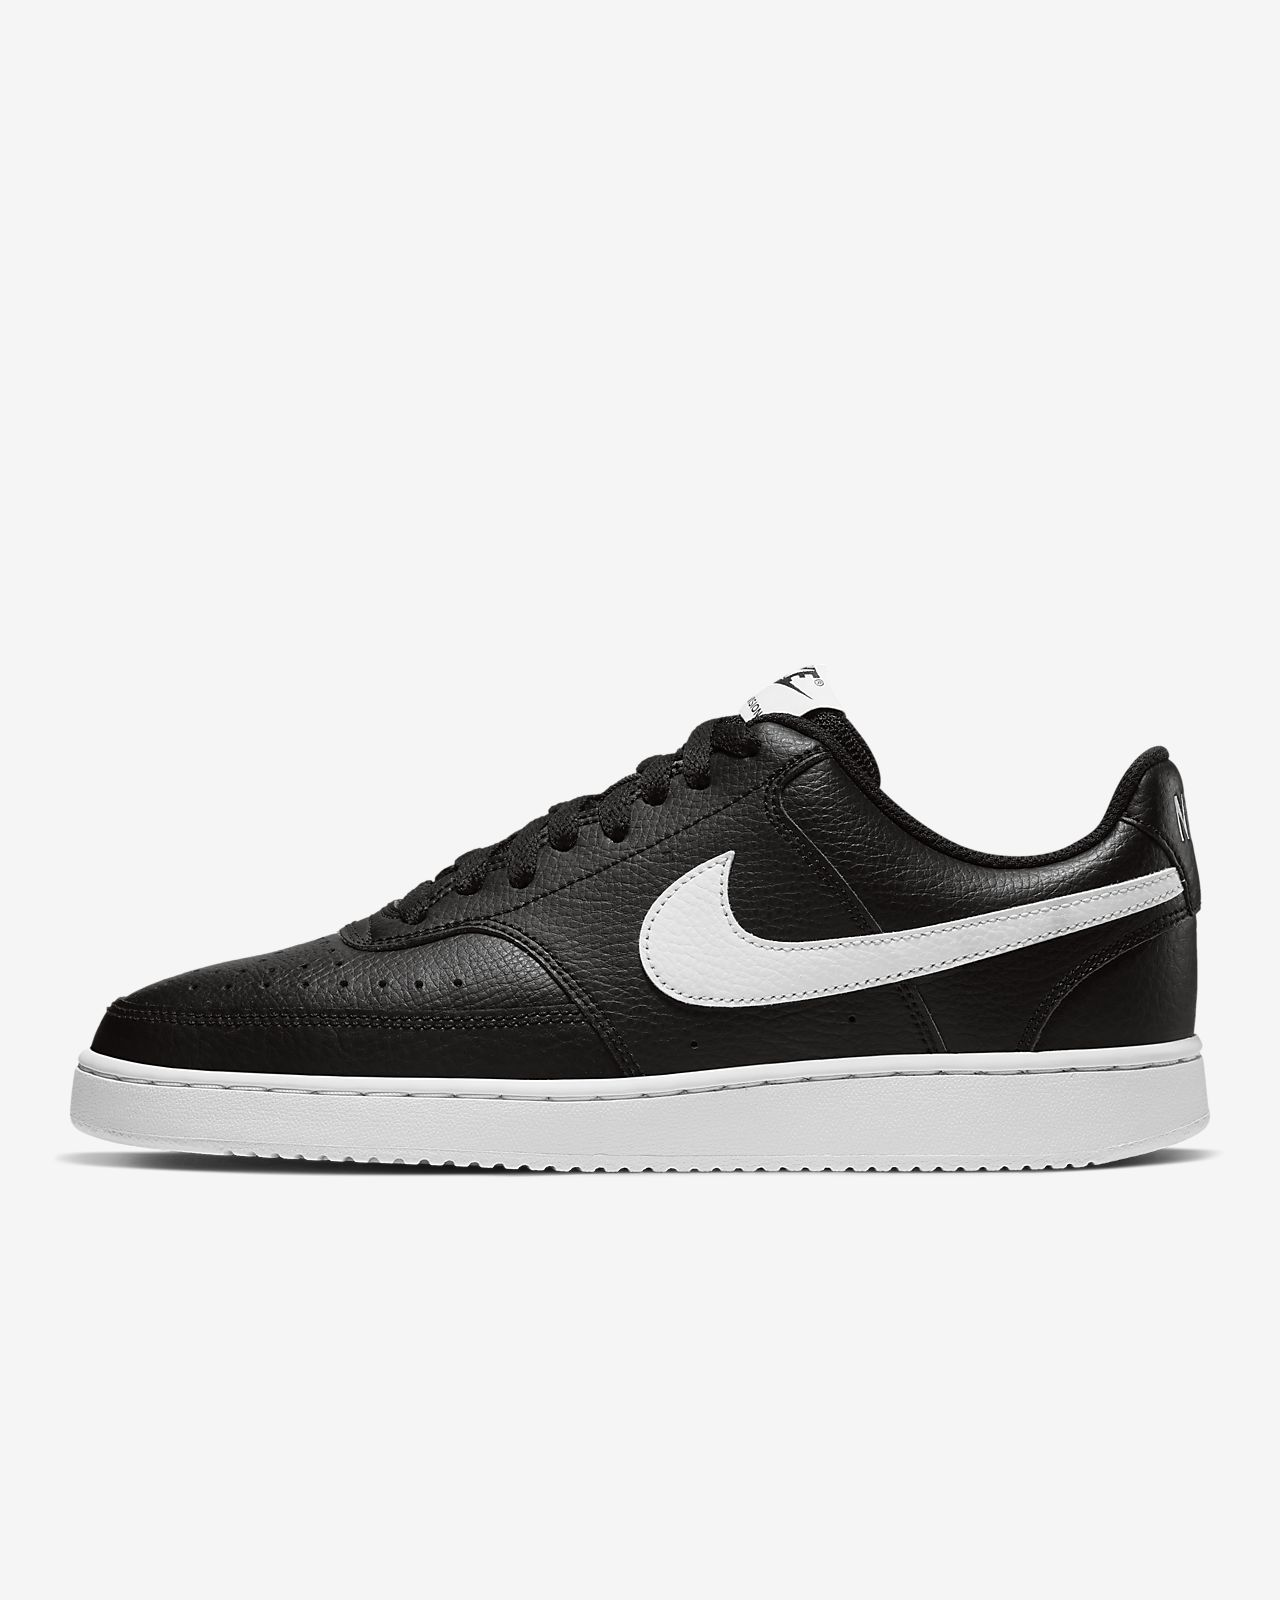 Nike Air Force 1 '07 LV8 maat 42